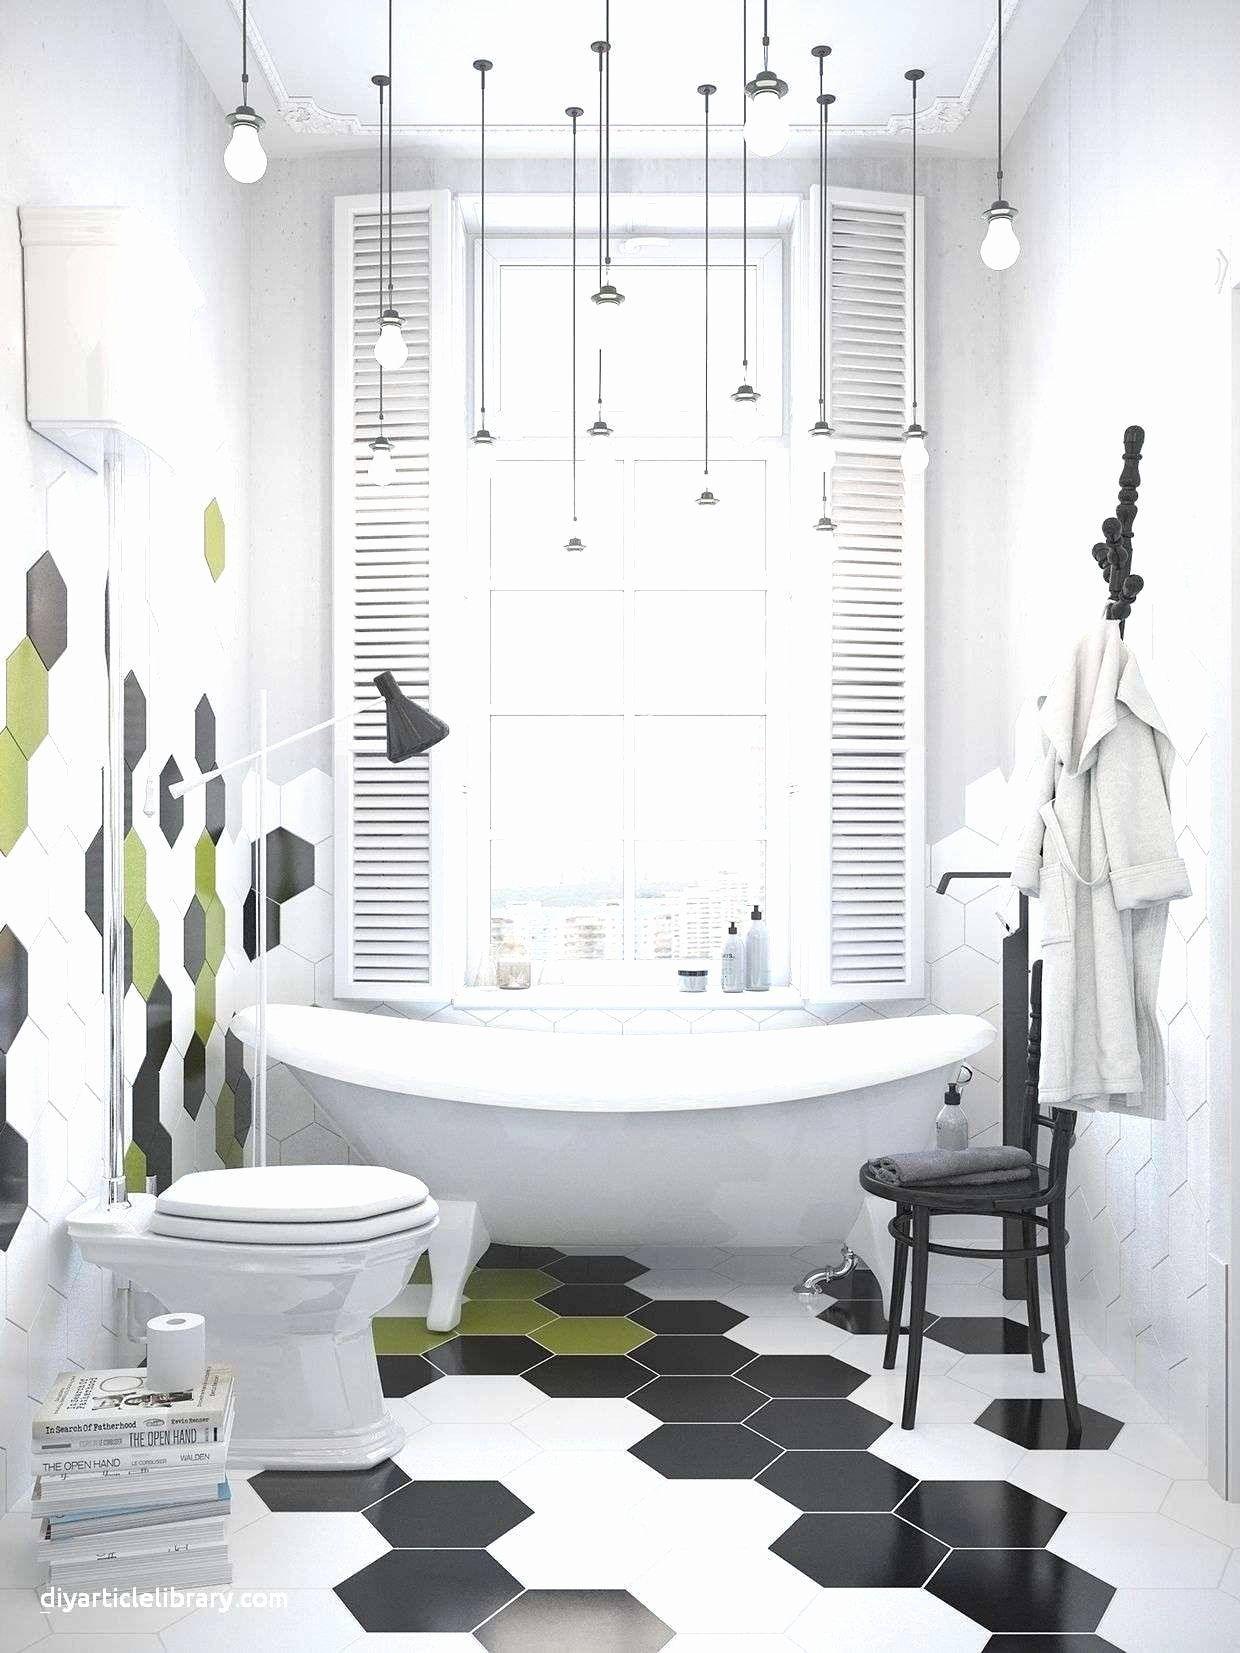 13 Dusche Einbauen Kosten Neu Badezimmer Renovieren Kosten Erfreulich Eintagamsee Renovieren Badezimmer Renovieren Neues Badezimmer Badezimmer Neu Gestalten